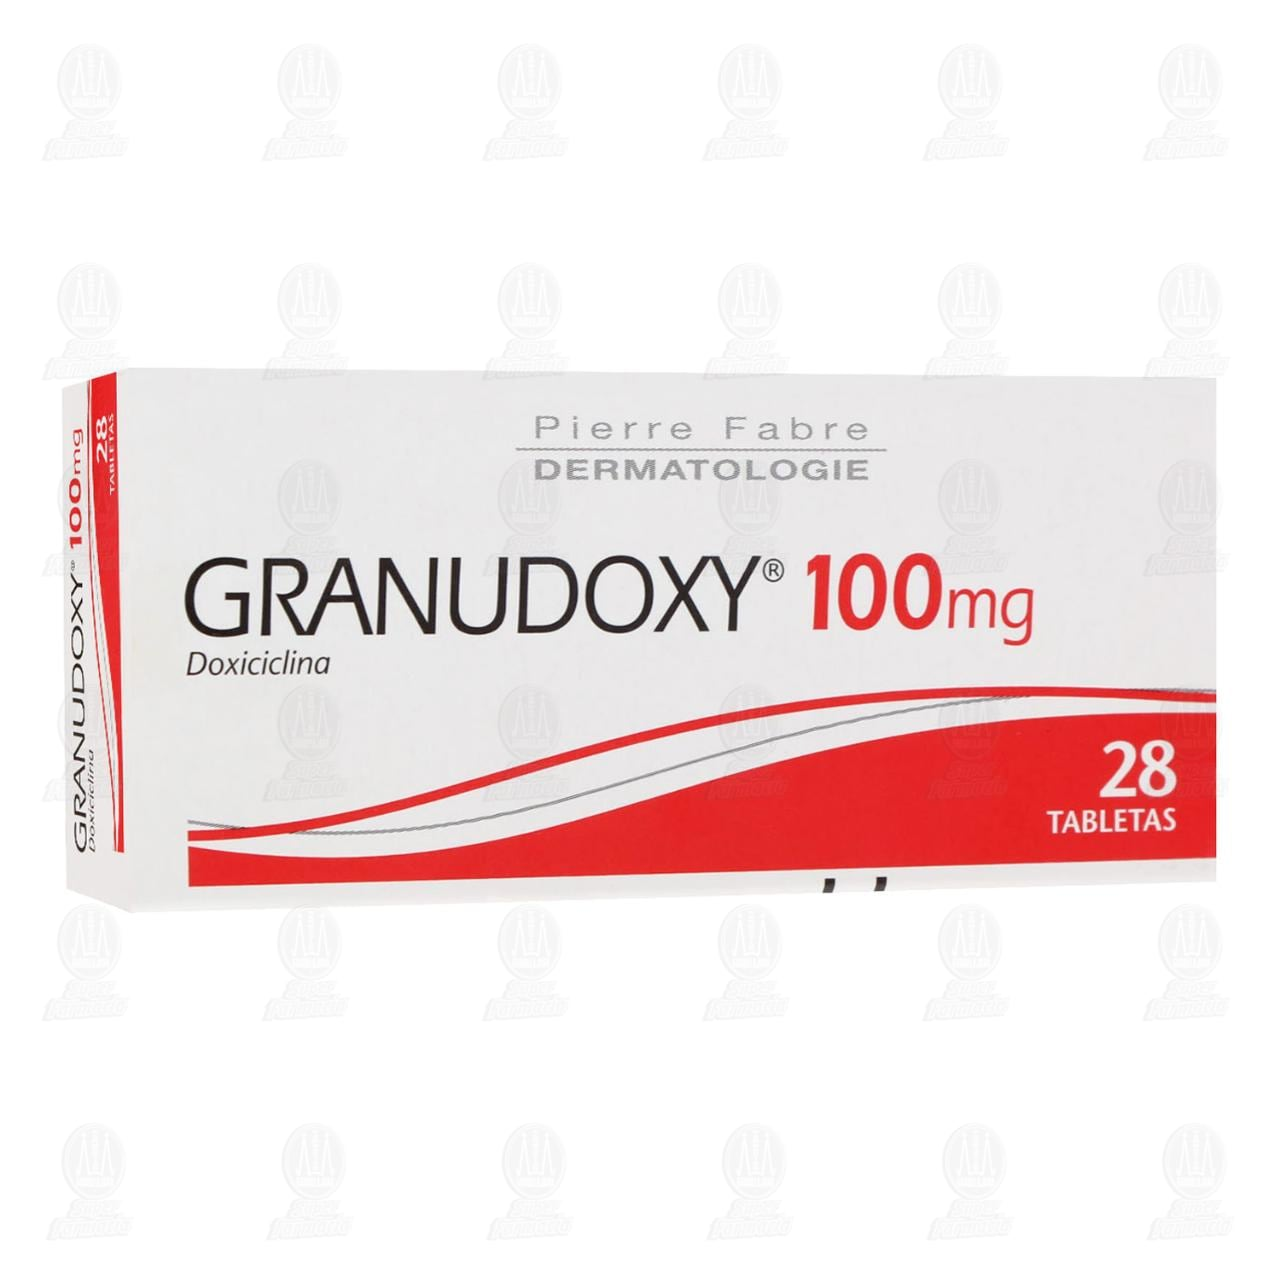 Comprar Granudoxy 100mg 28 Tabletas en Farmacias Guadalajara